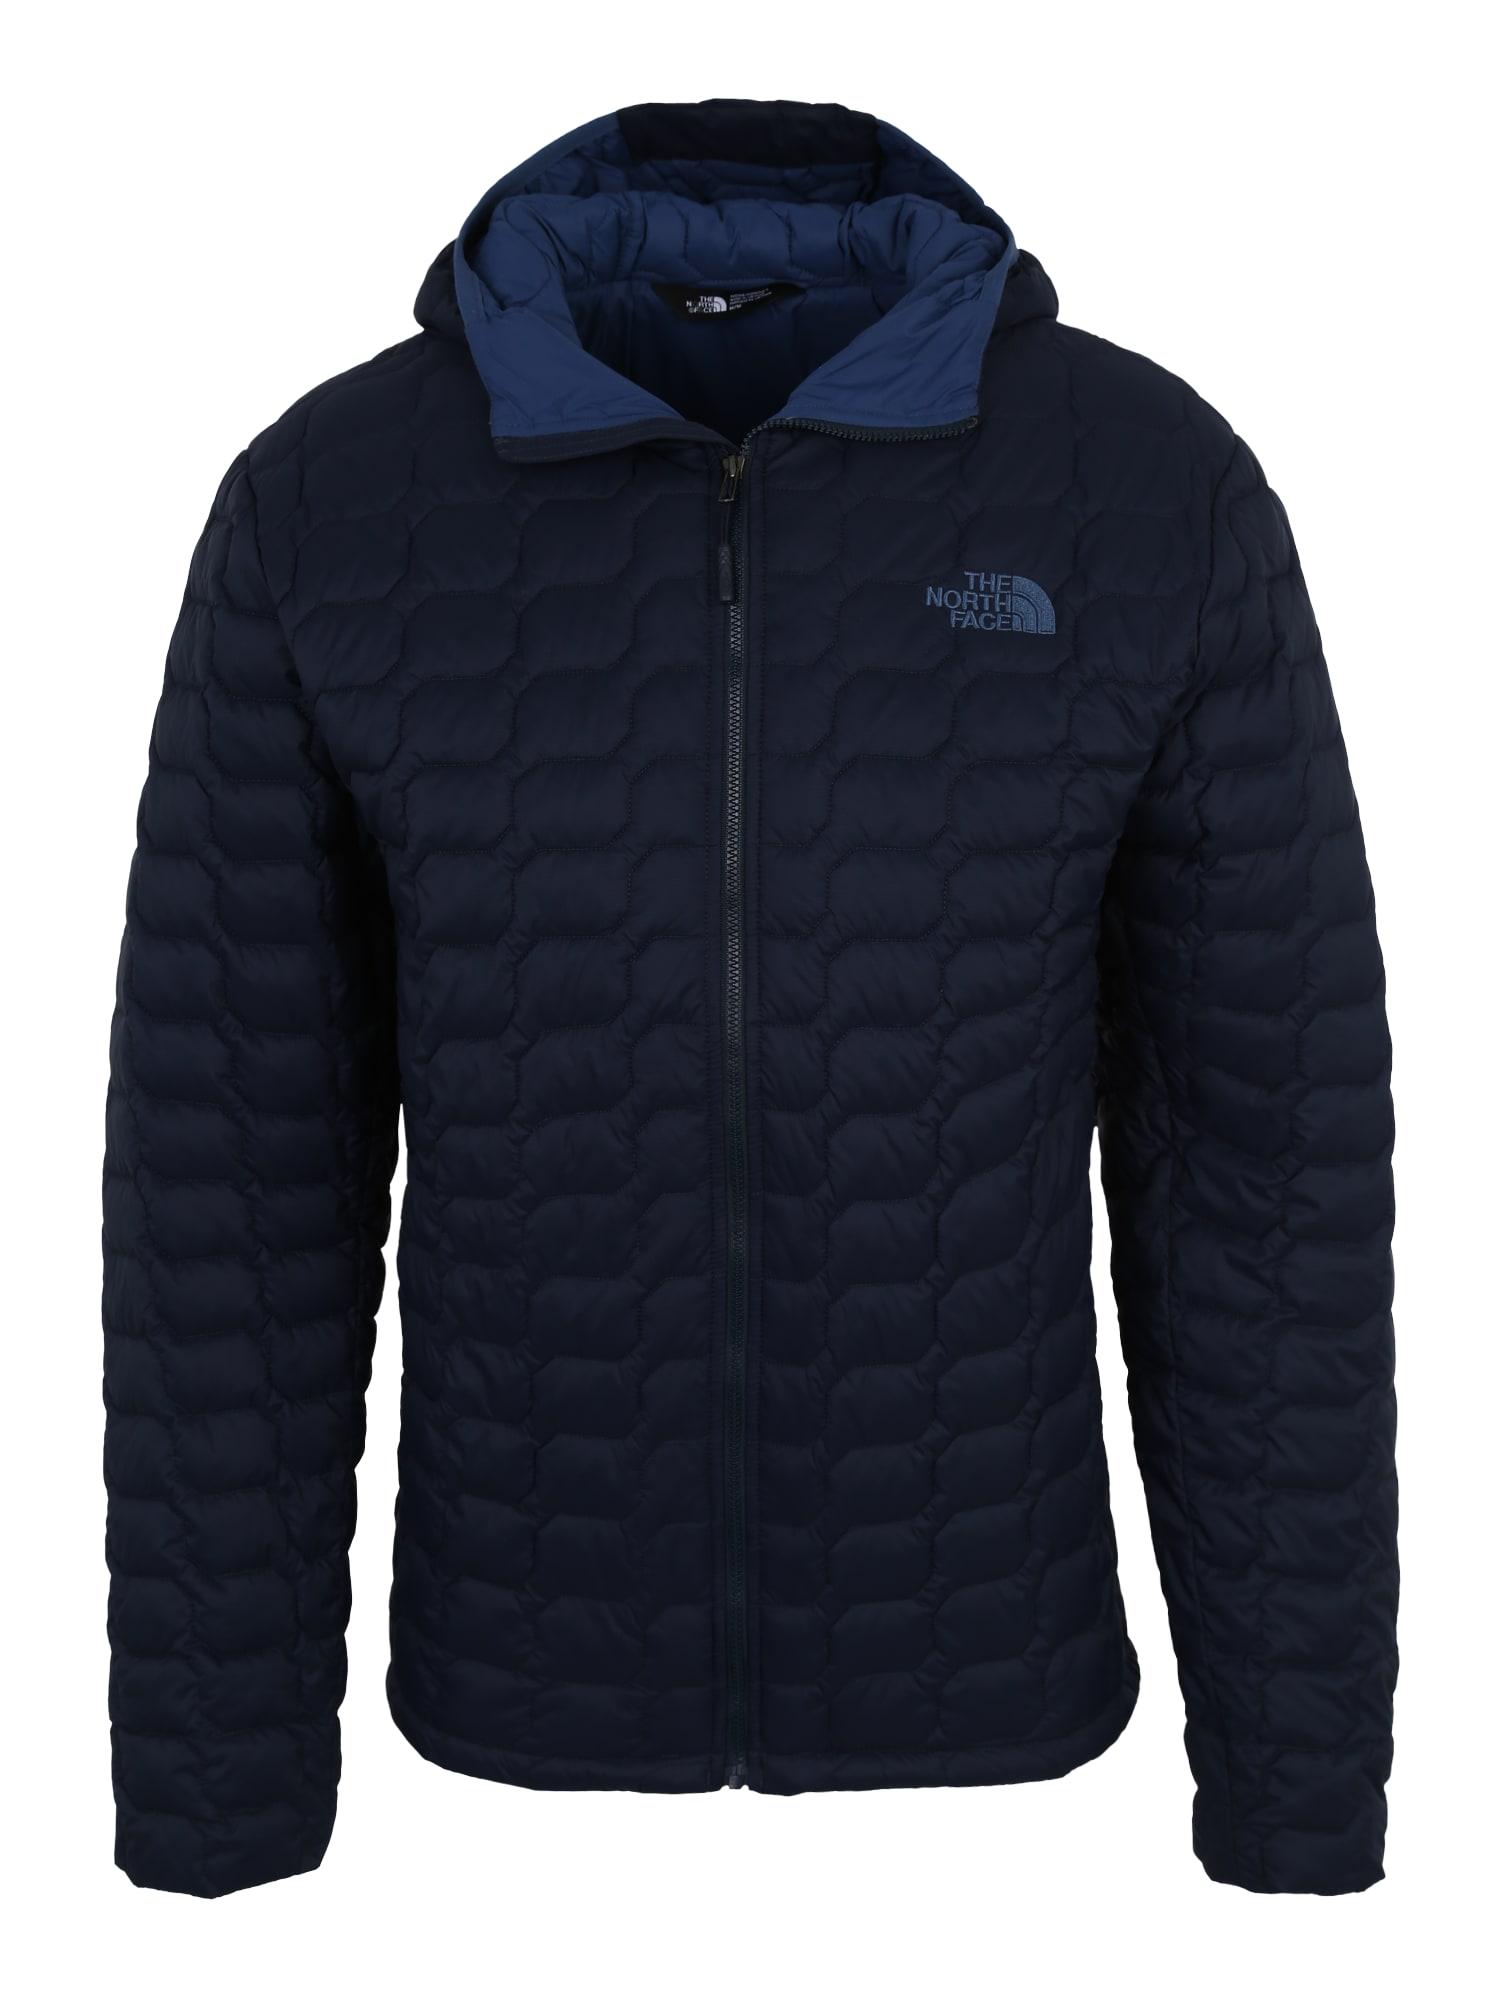 Outdoorová bunda námořnická modř THE NORTH FACE